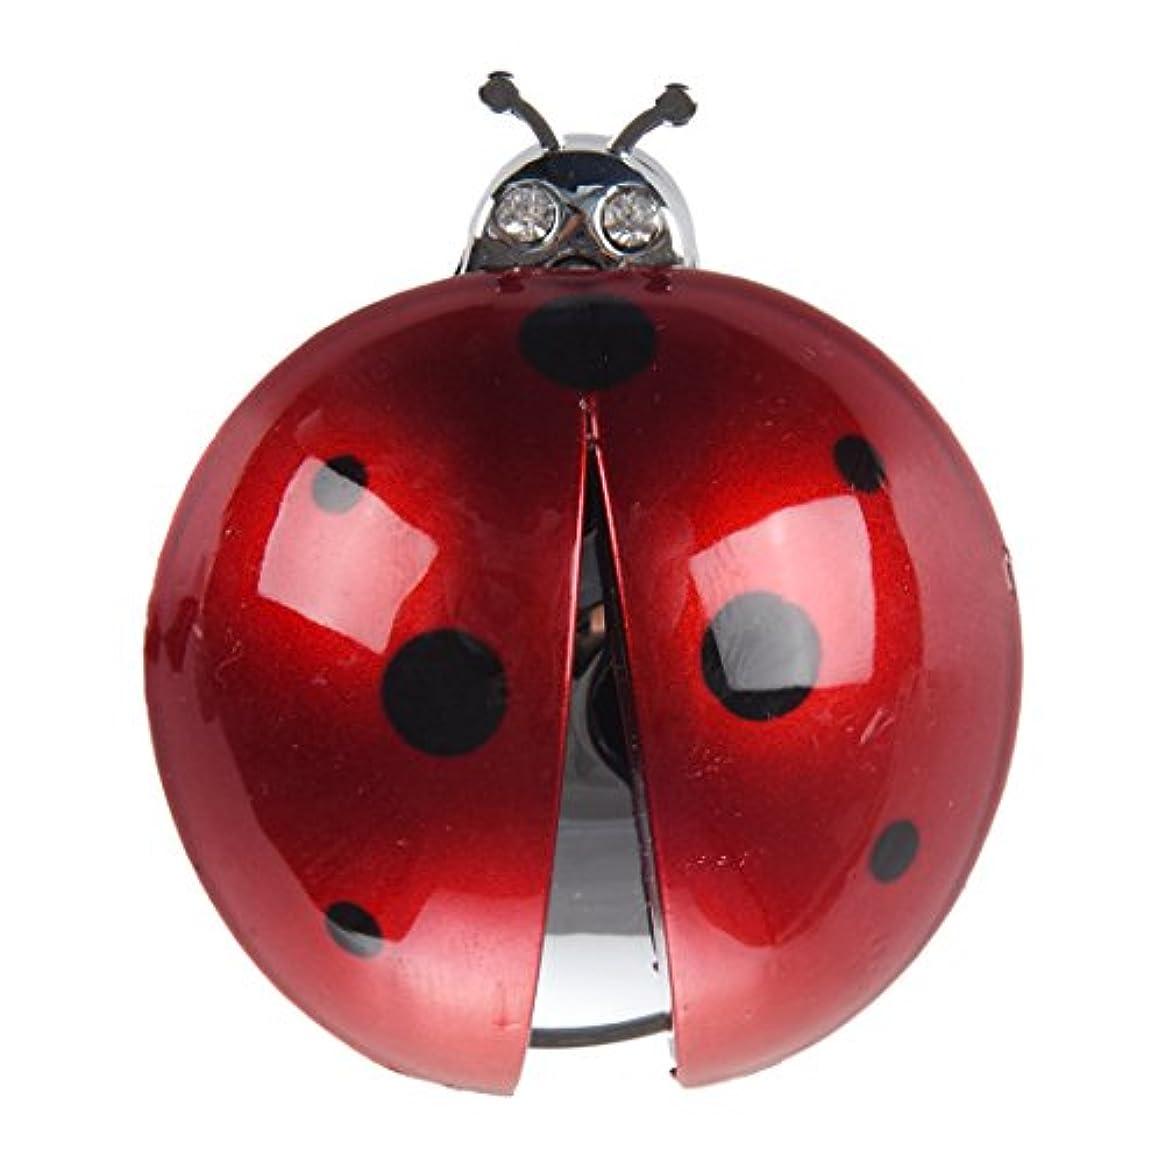 贅沢ウォルターカニンガム威信TYJP TYJP(R)車の空気ベント てんとう虫のデザイン フレグランス 清浄 芳香 ダークレッド